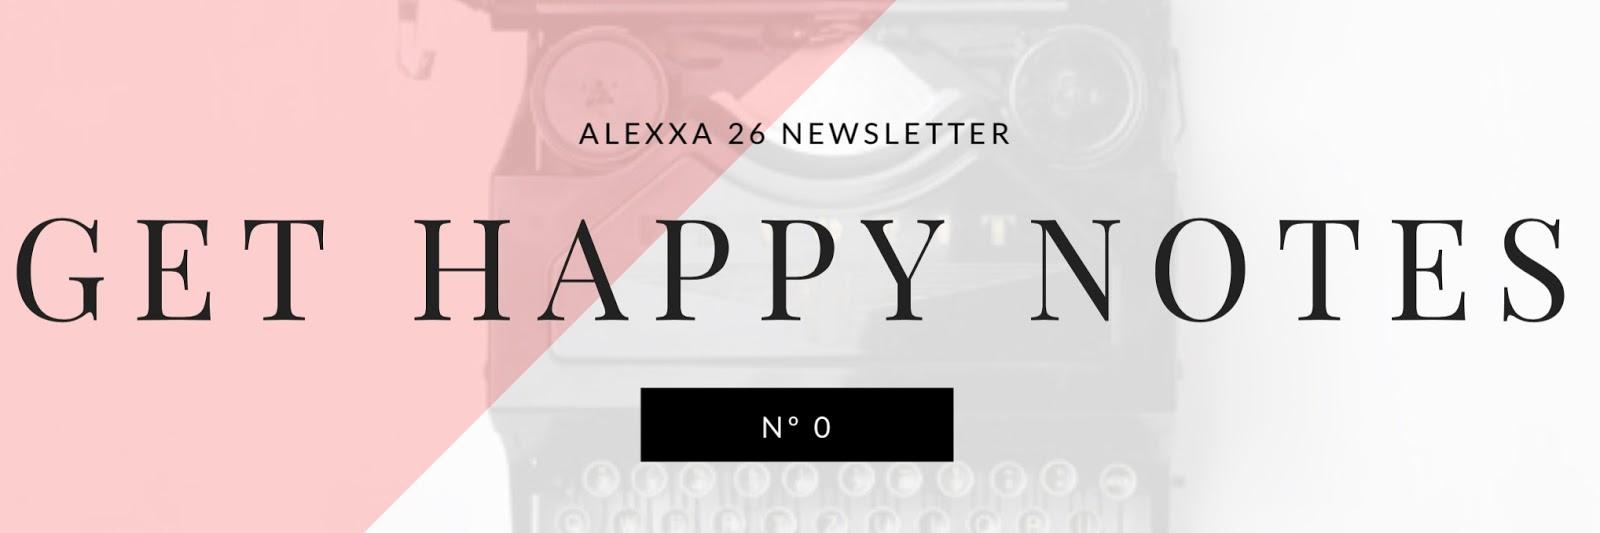 get newsletter 0